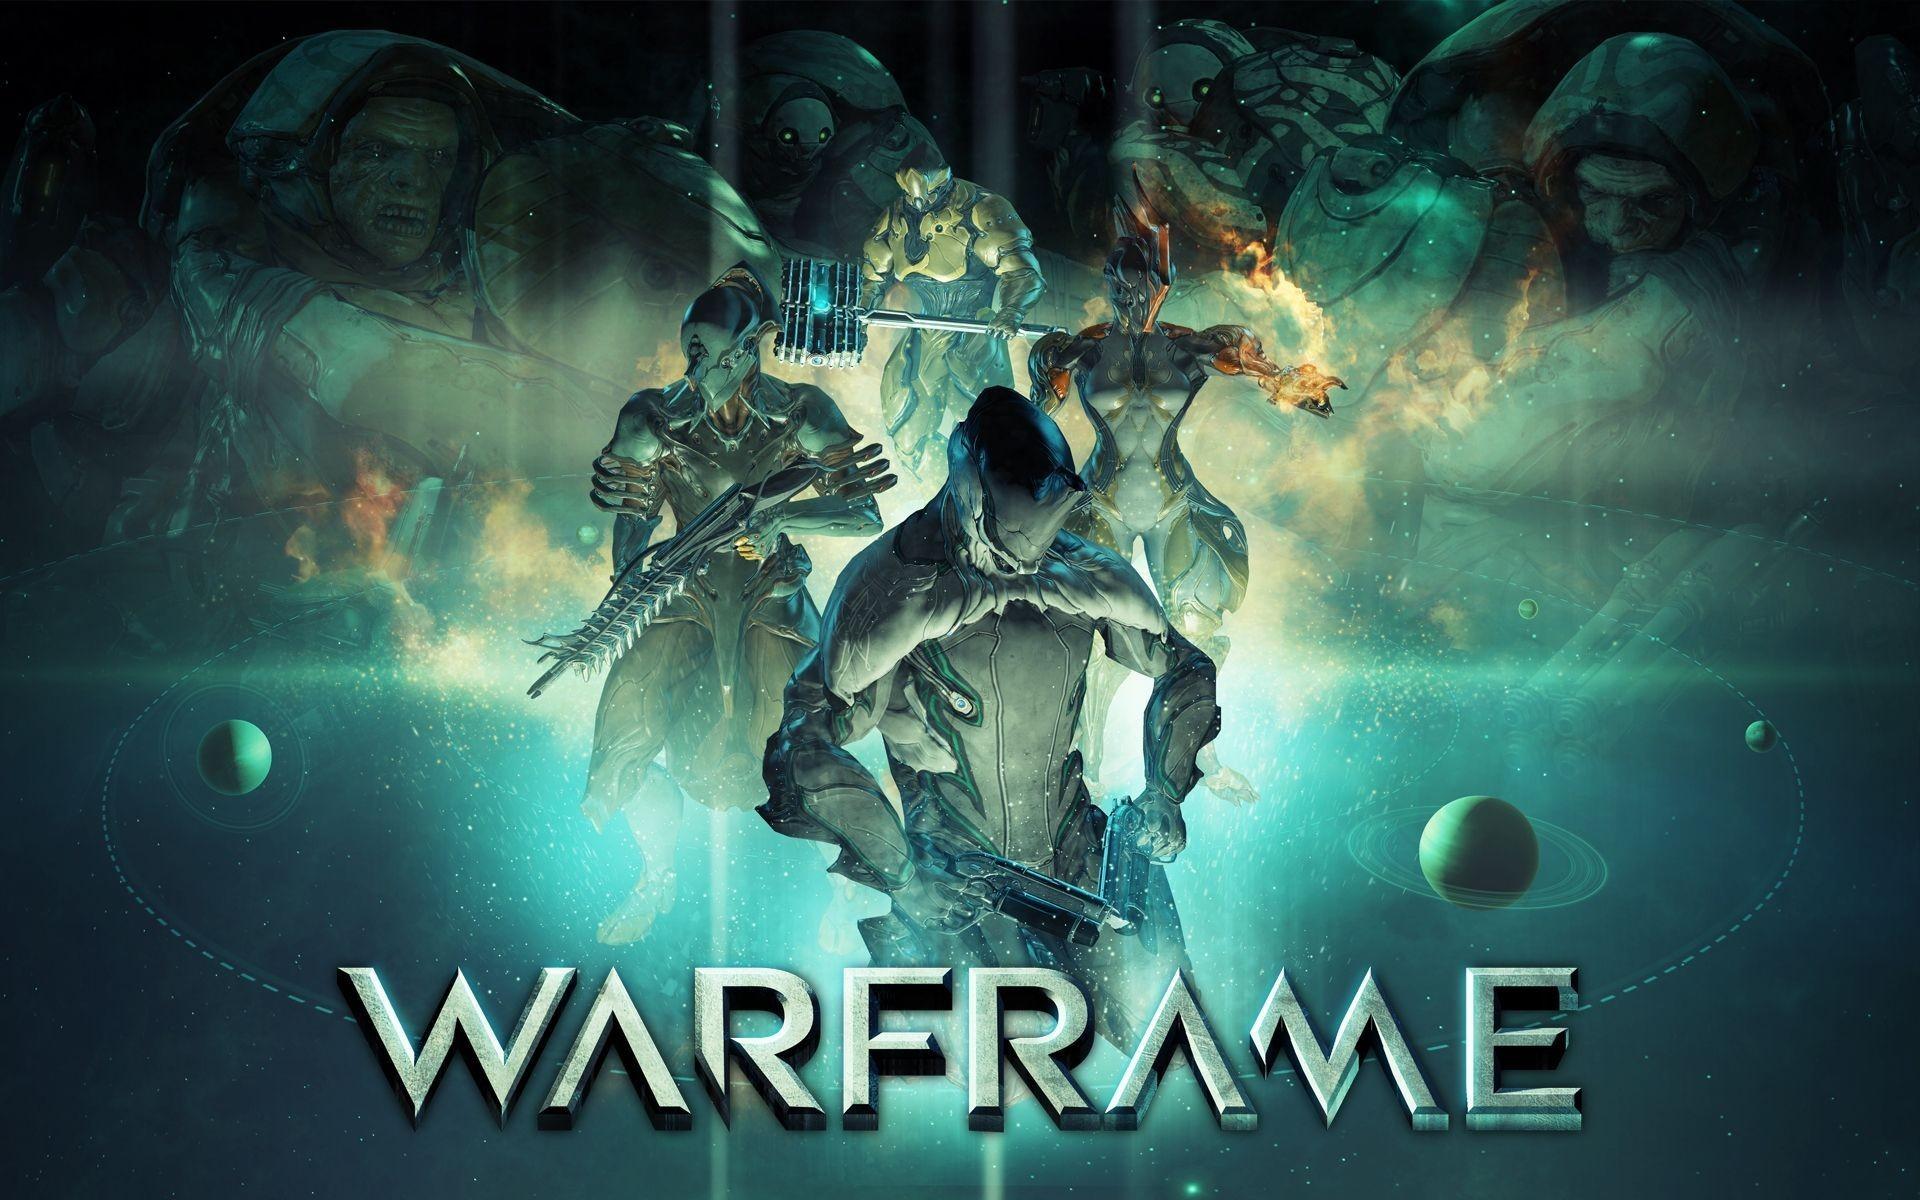 Warframe gratis en steam